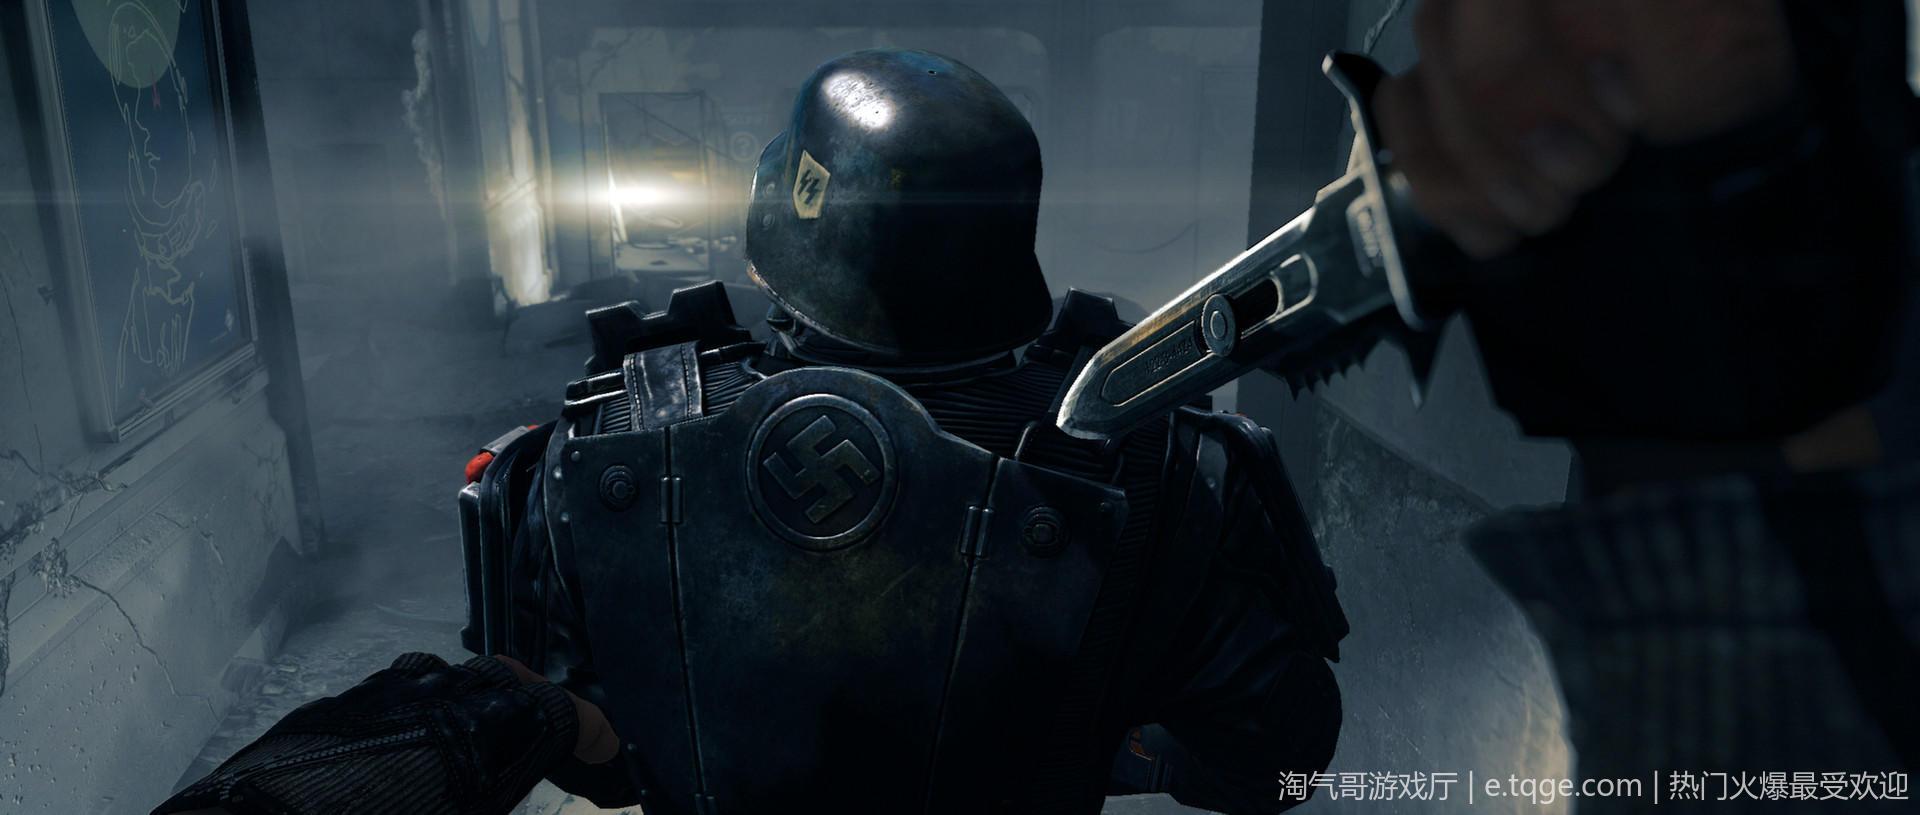 德军总部:新秩序 射击游戏 第2张